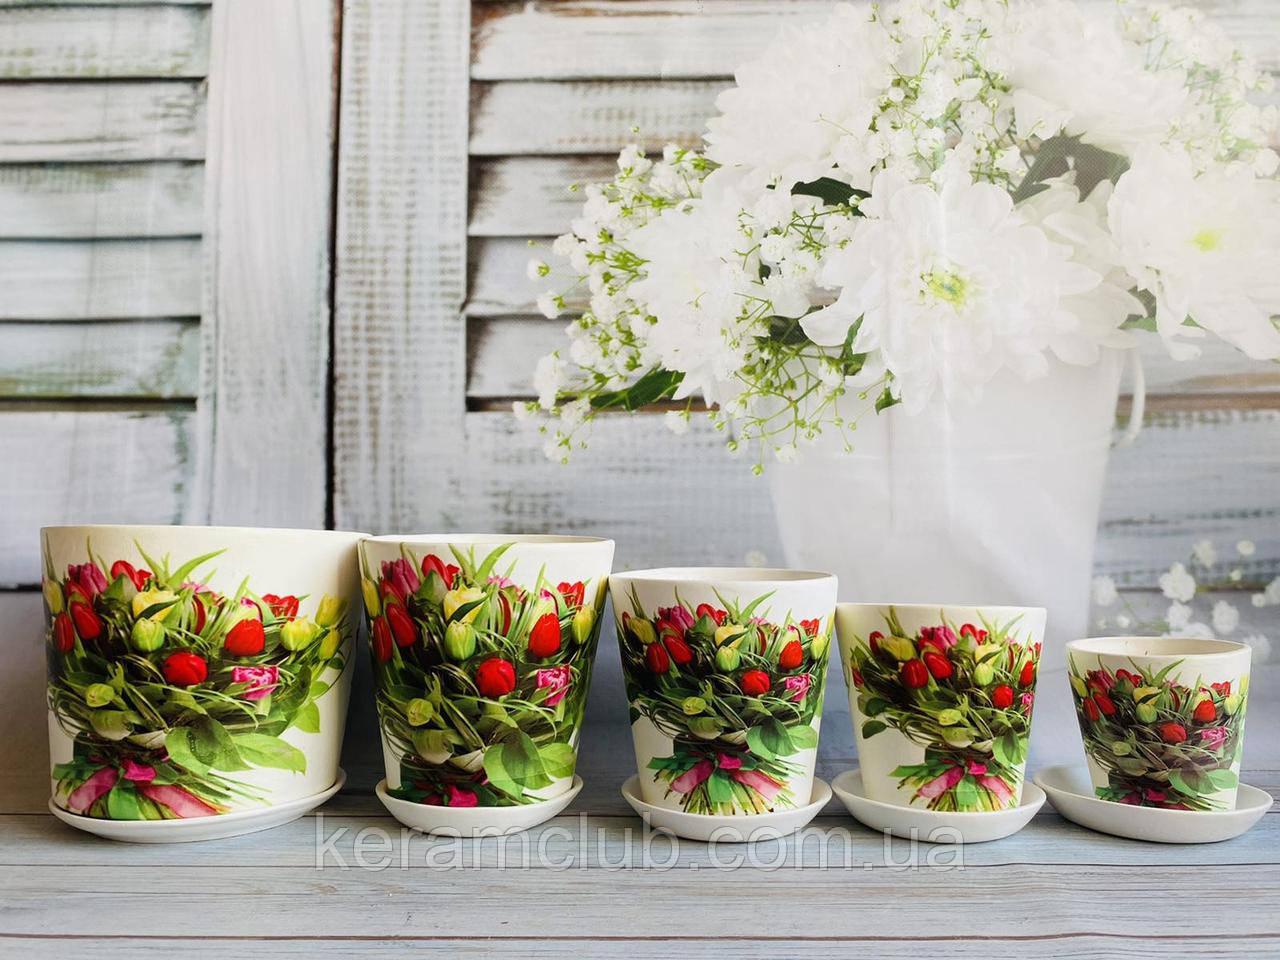 Набор цветочных горшков Керамклуб №4 Букет тюльпанов